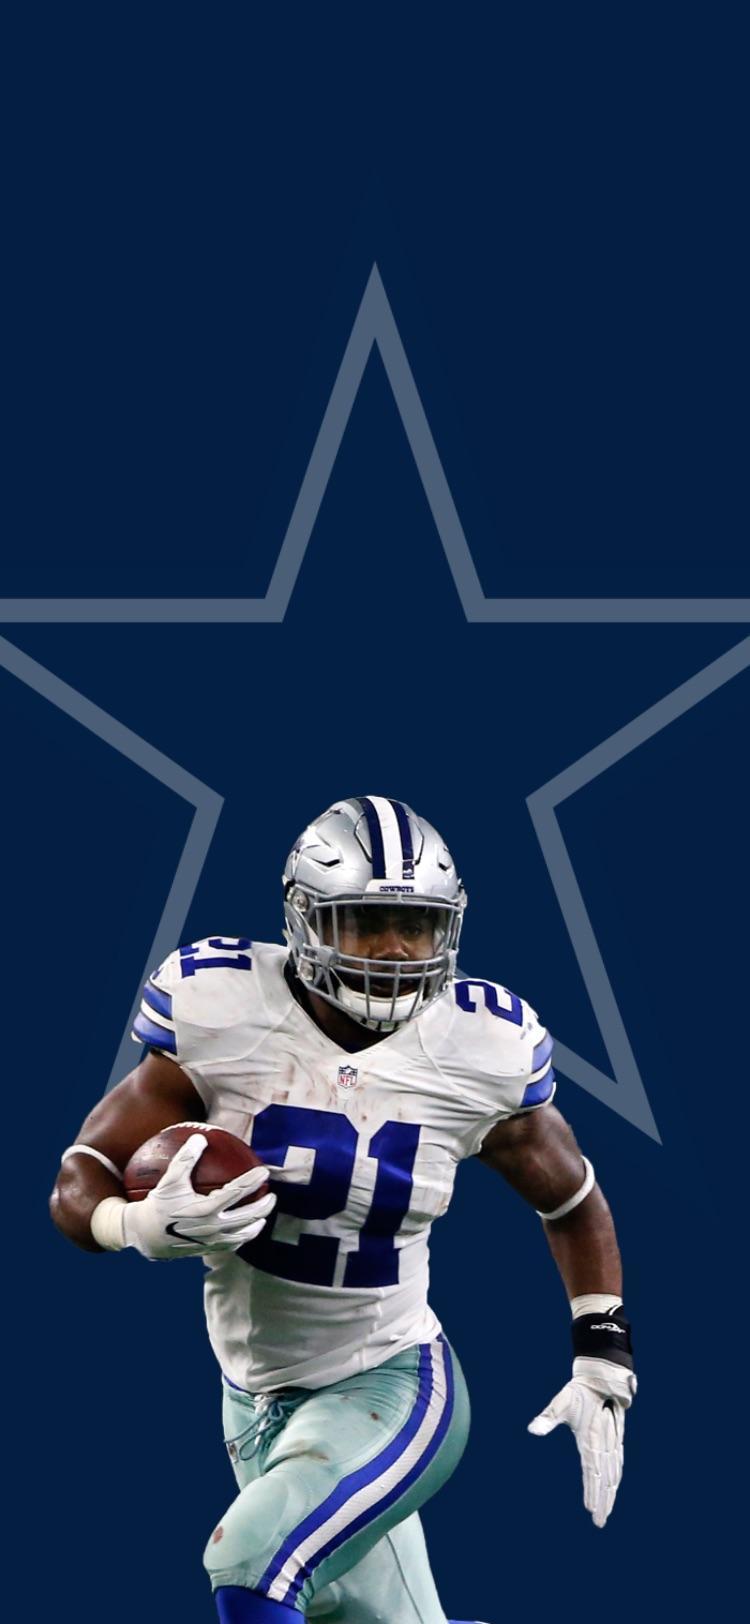 Dallas Cowboys Wallpaper Iphone X - HD Wallpaper